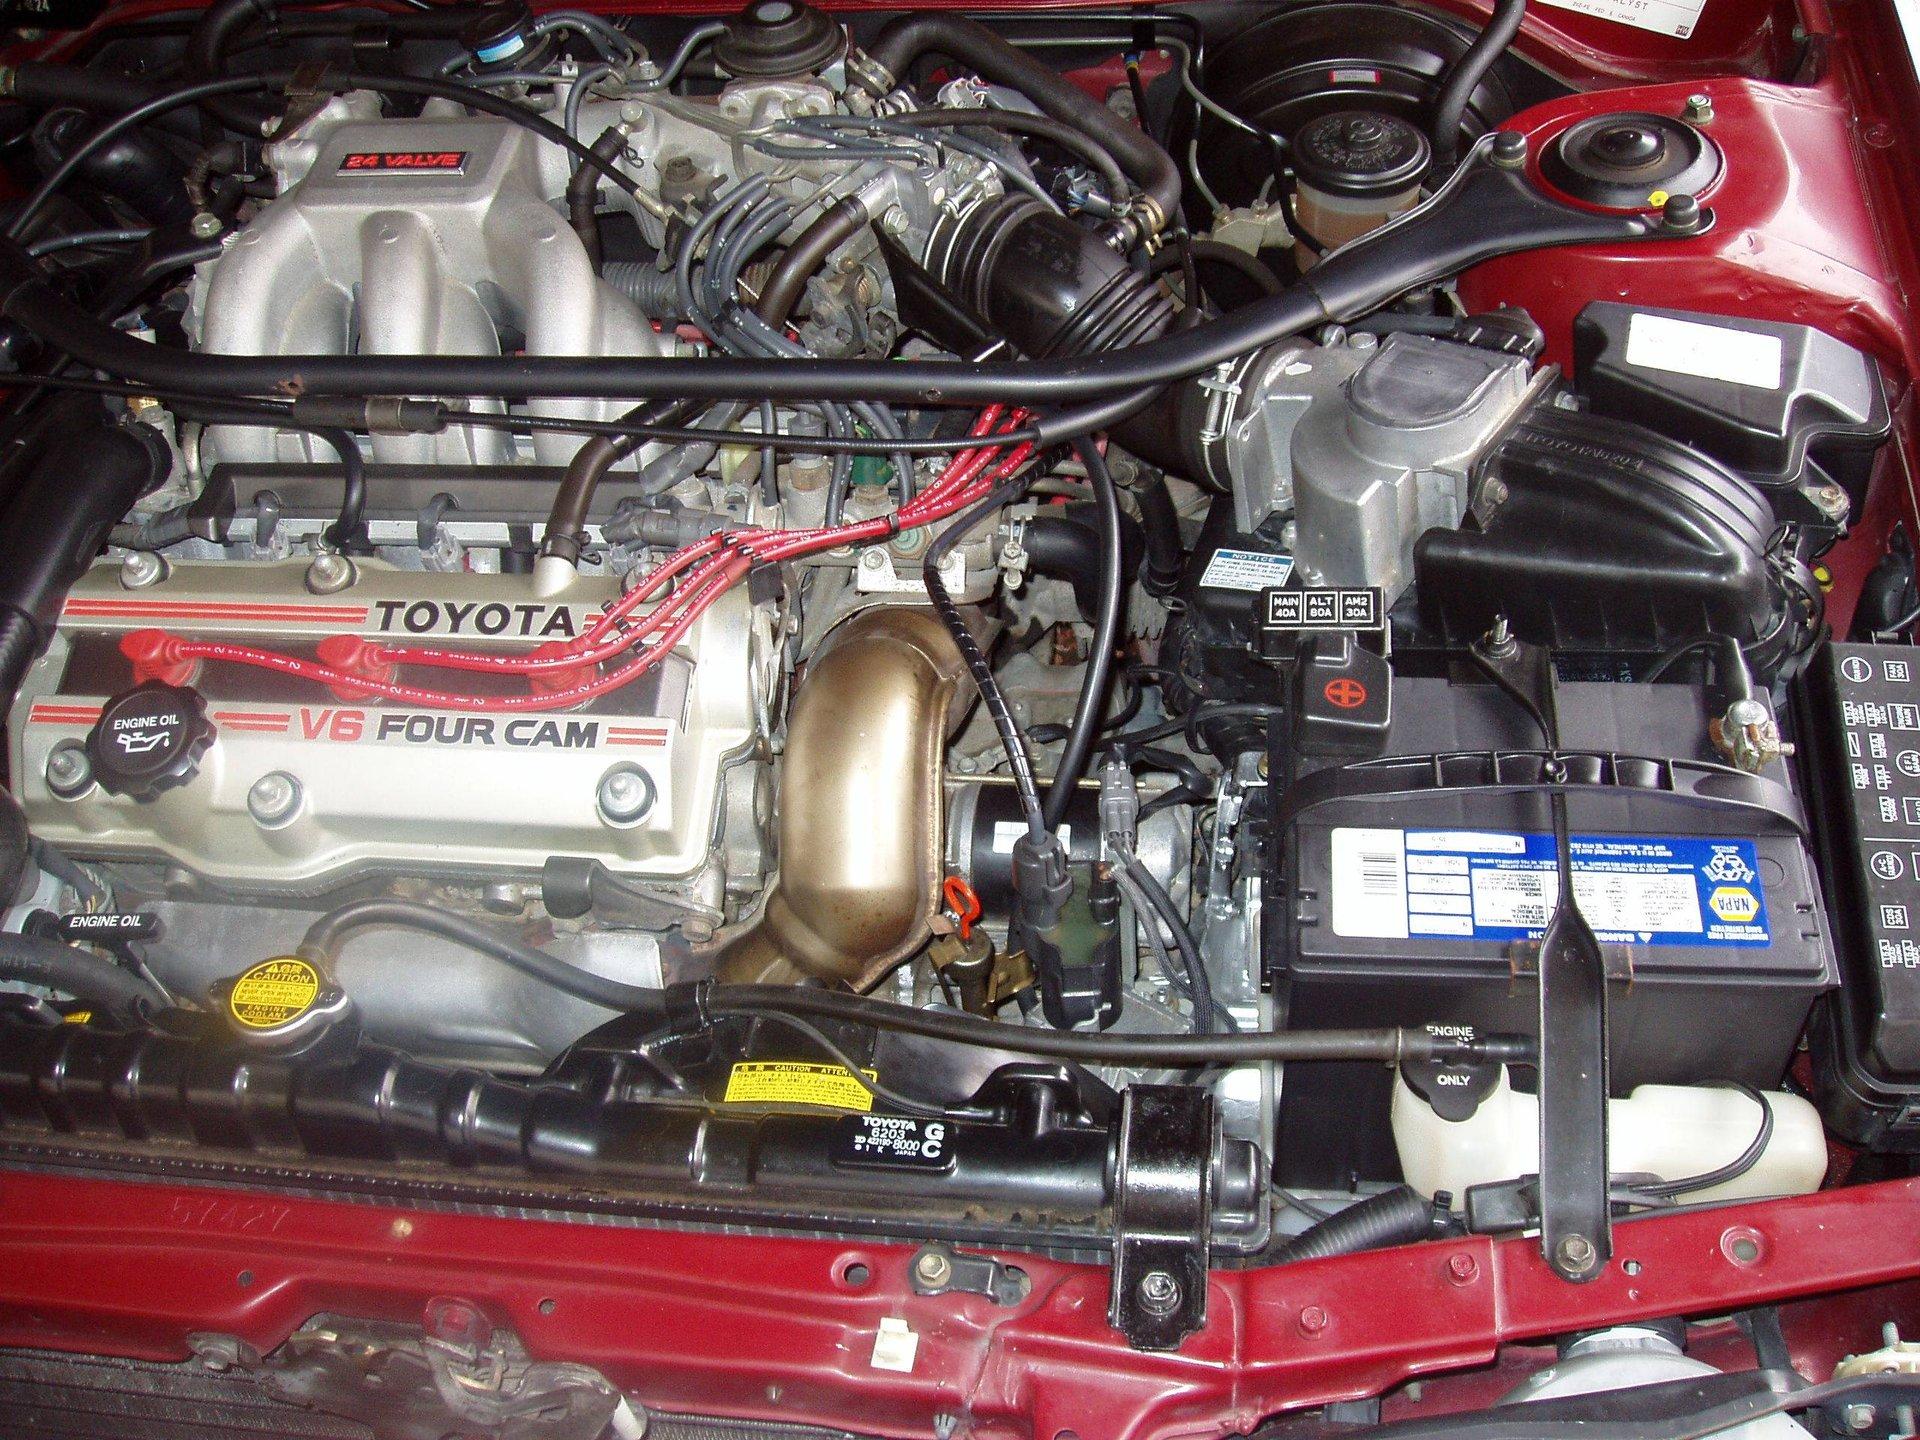 1991 Camry Le V6 Engine Transmission Reinstall